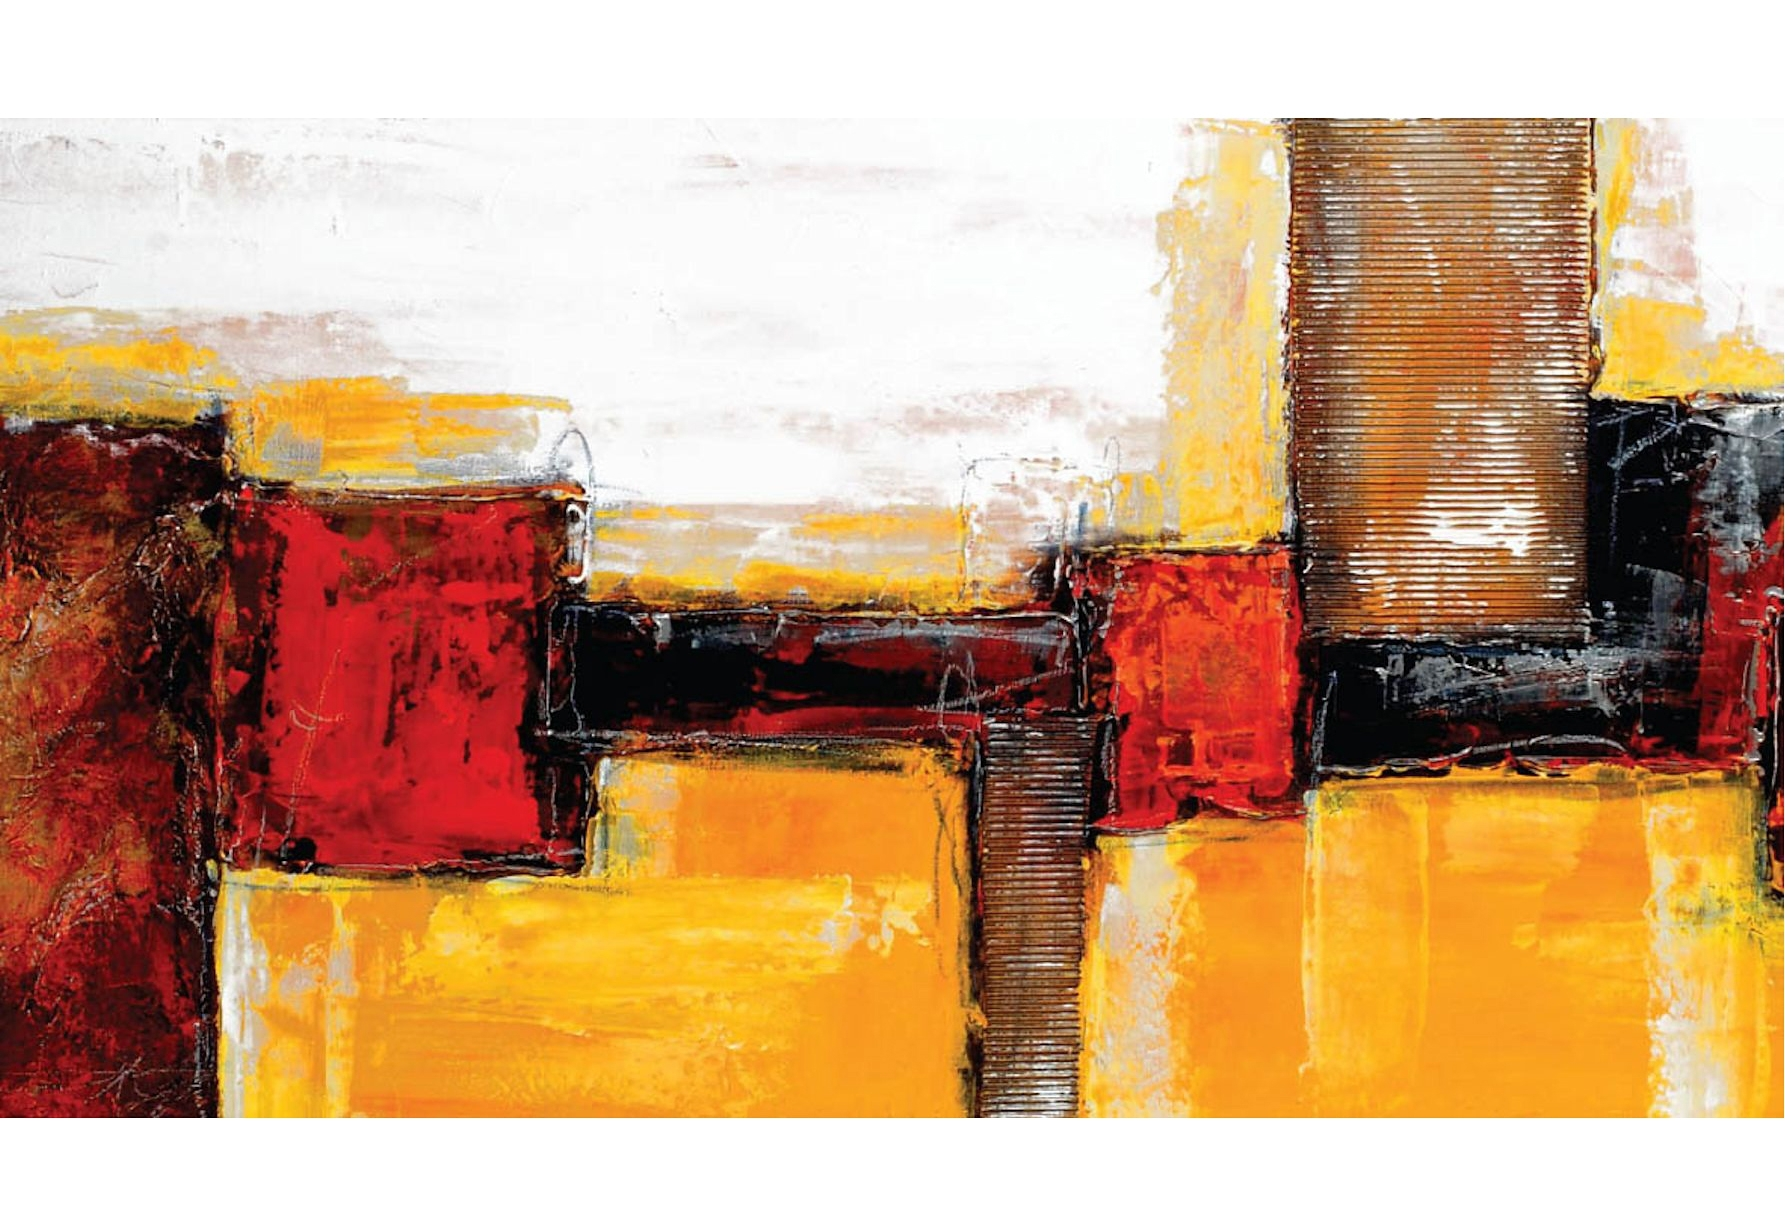 Home Affaire Artprint Abstract afm. 110x60 cm veilig op otto.nl kopen